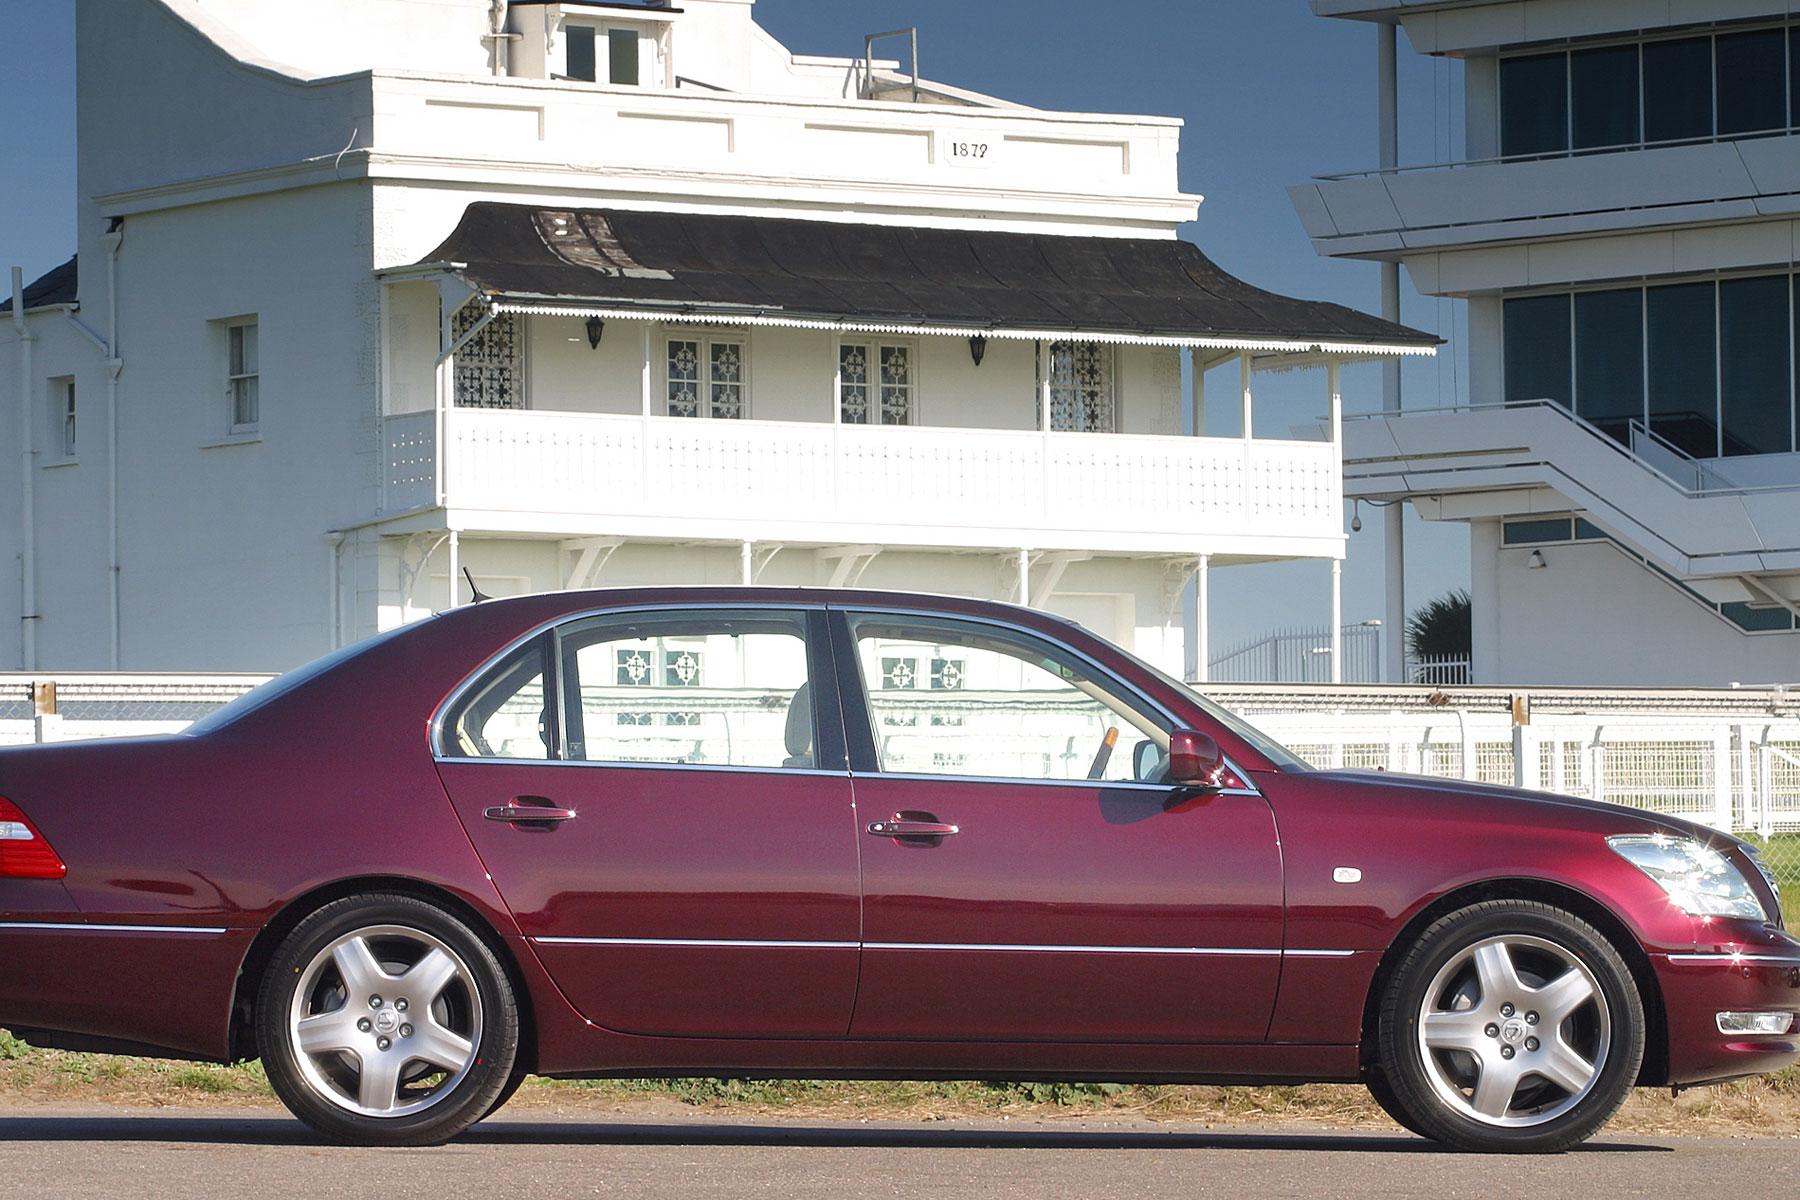 Used luxury 5k